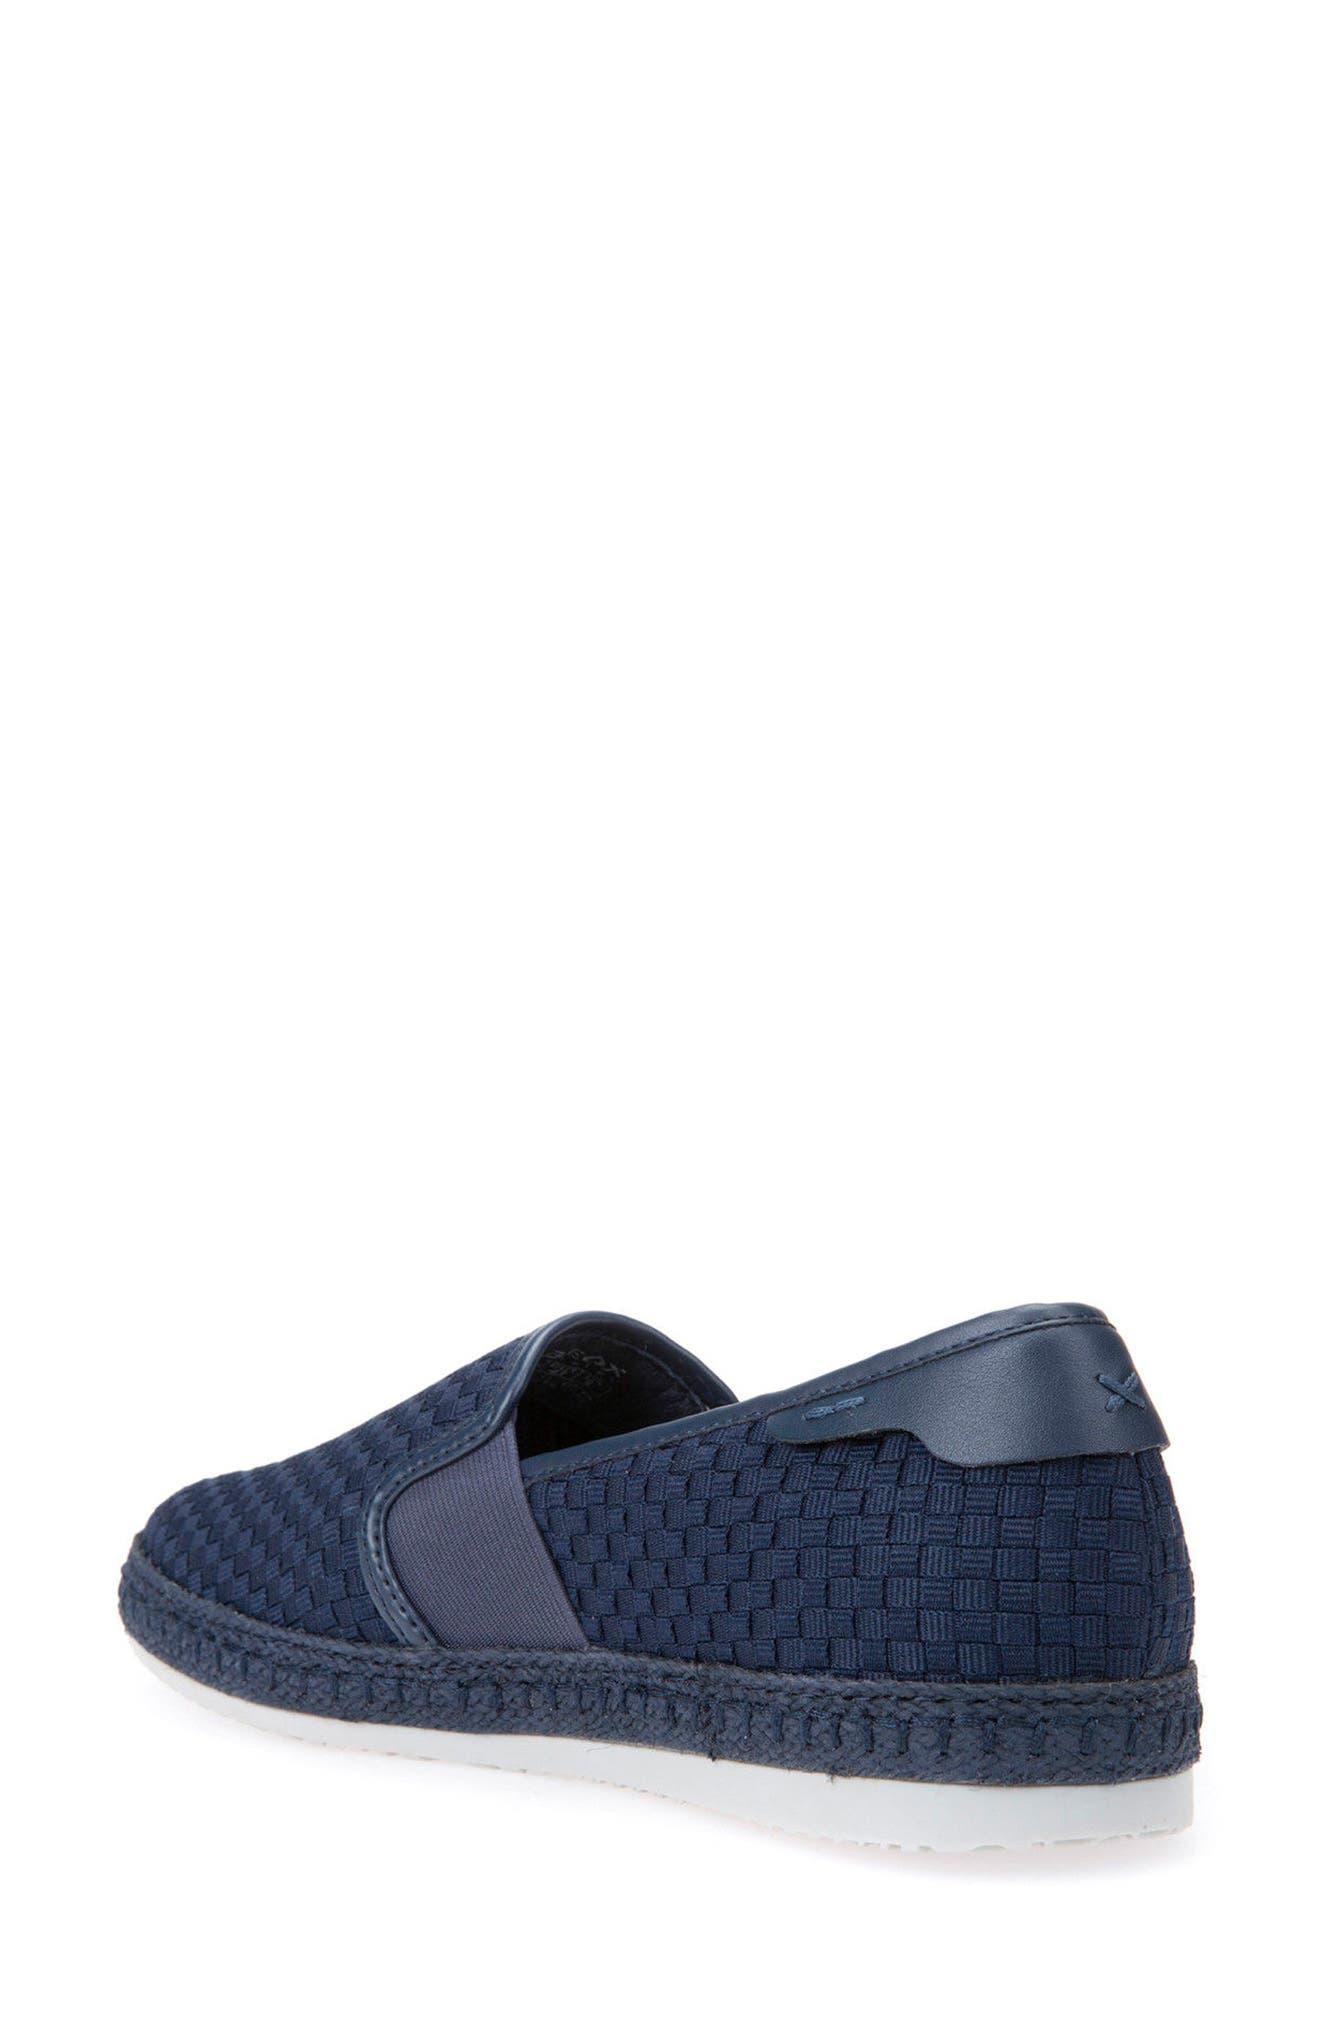 Copacaban 10 Woven Slip-On Sneaker,                             Alternate thumbnail 3, color,                             Sand